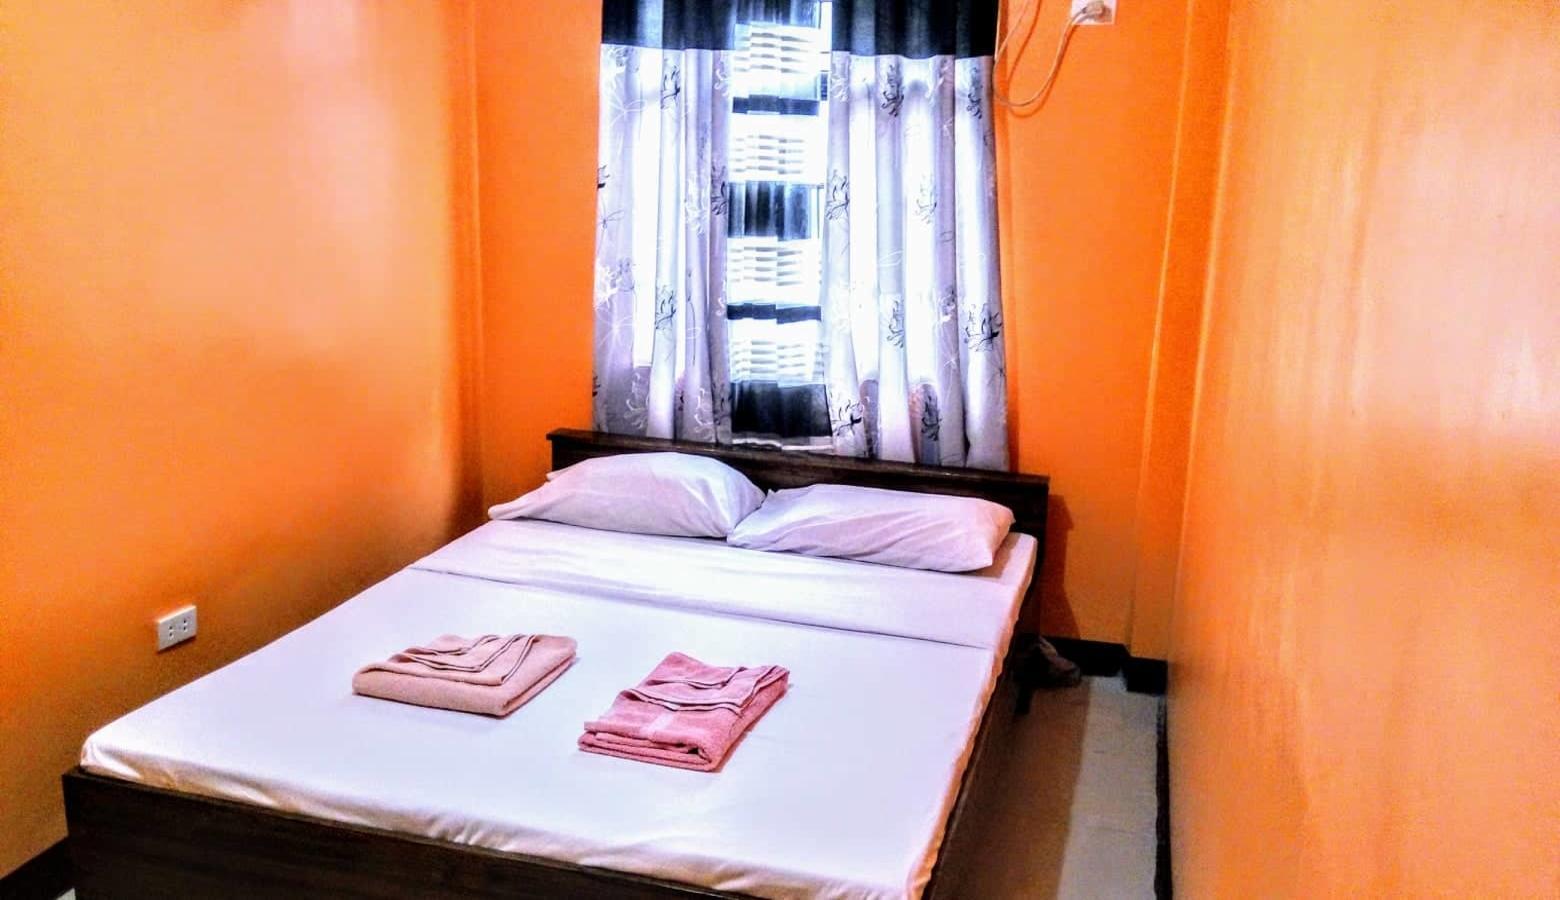 A's Azotea De Bohol Studio Aprt 6 With 1 Bedroom